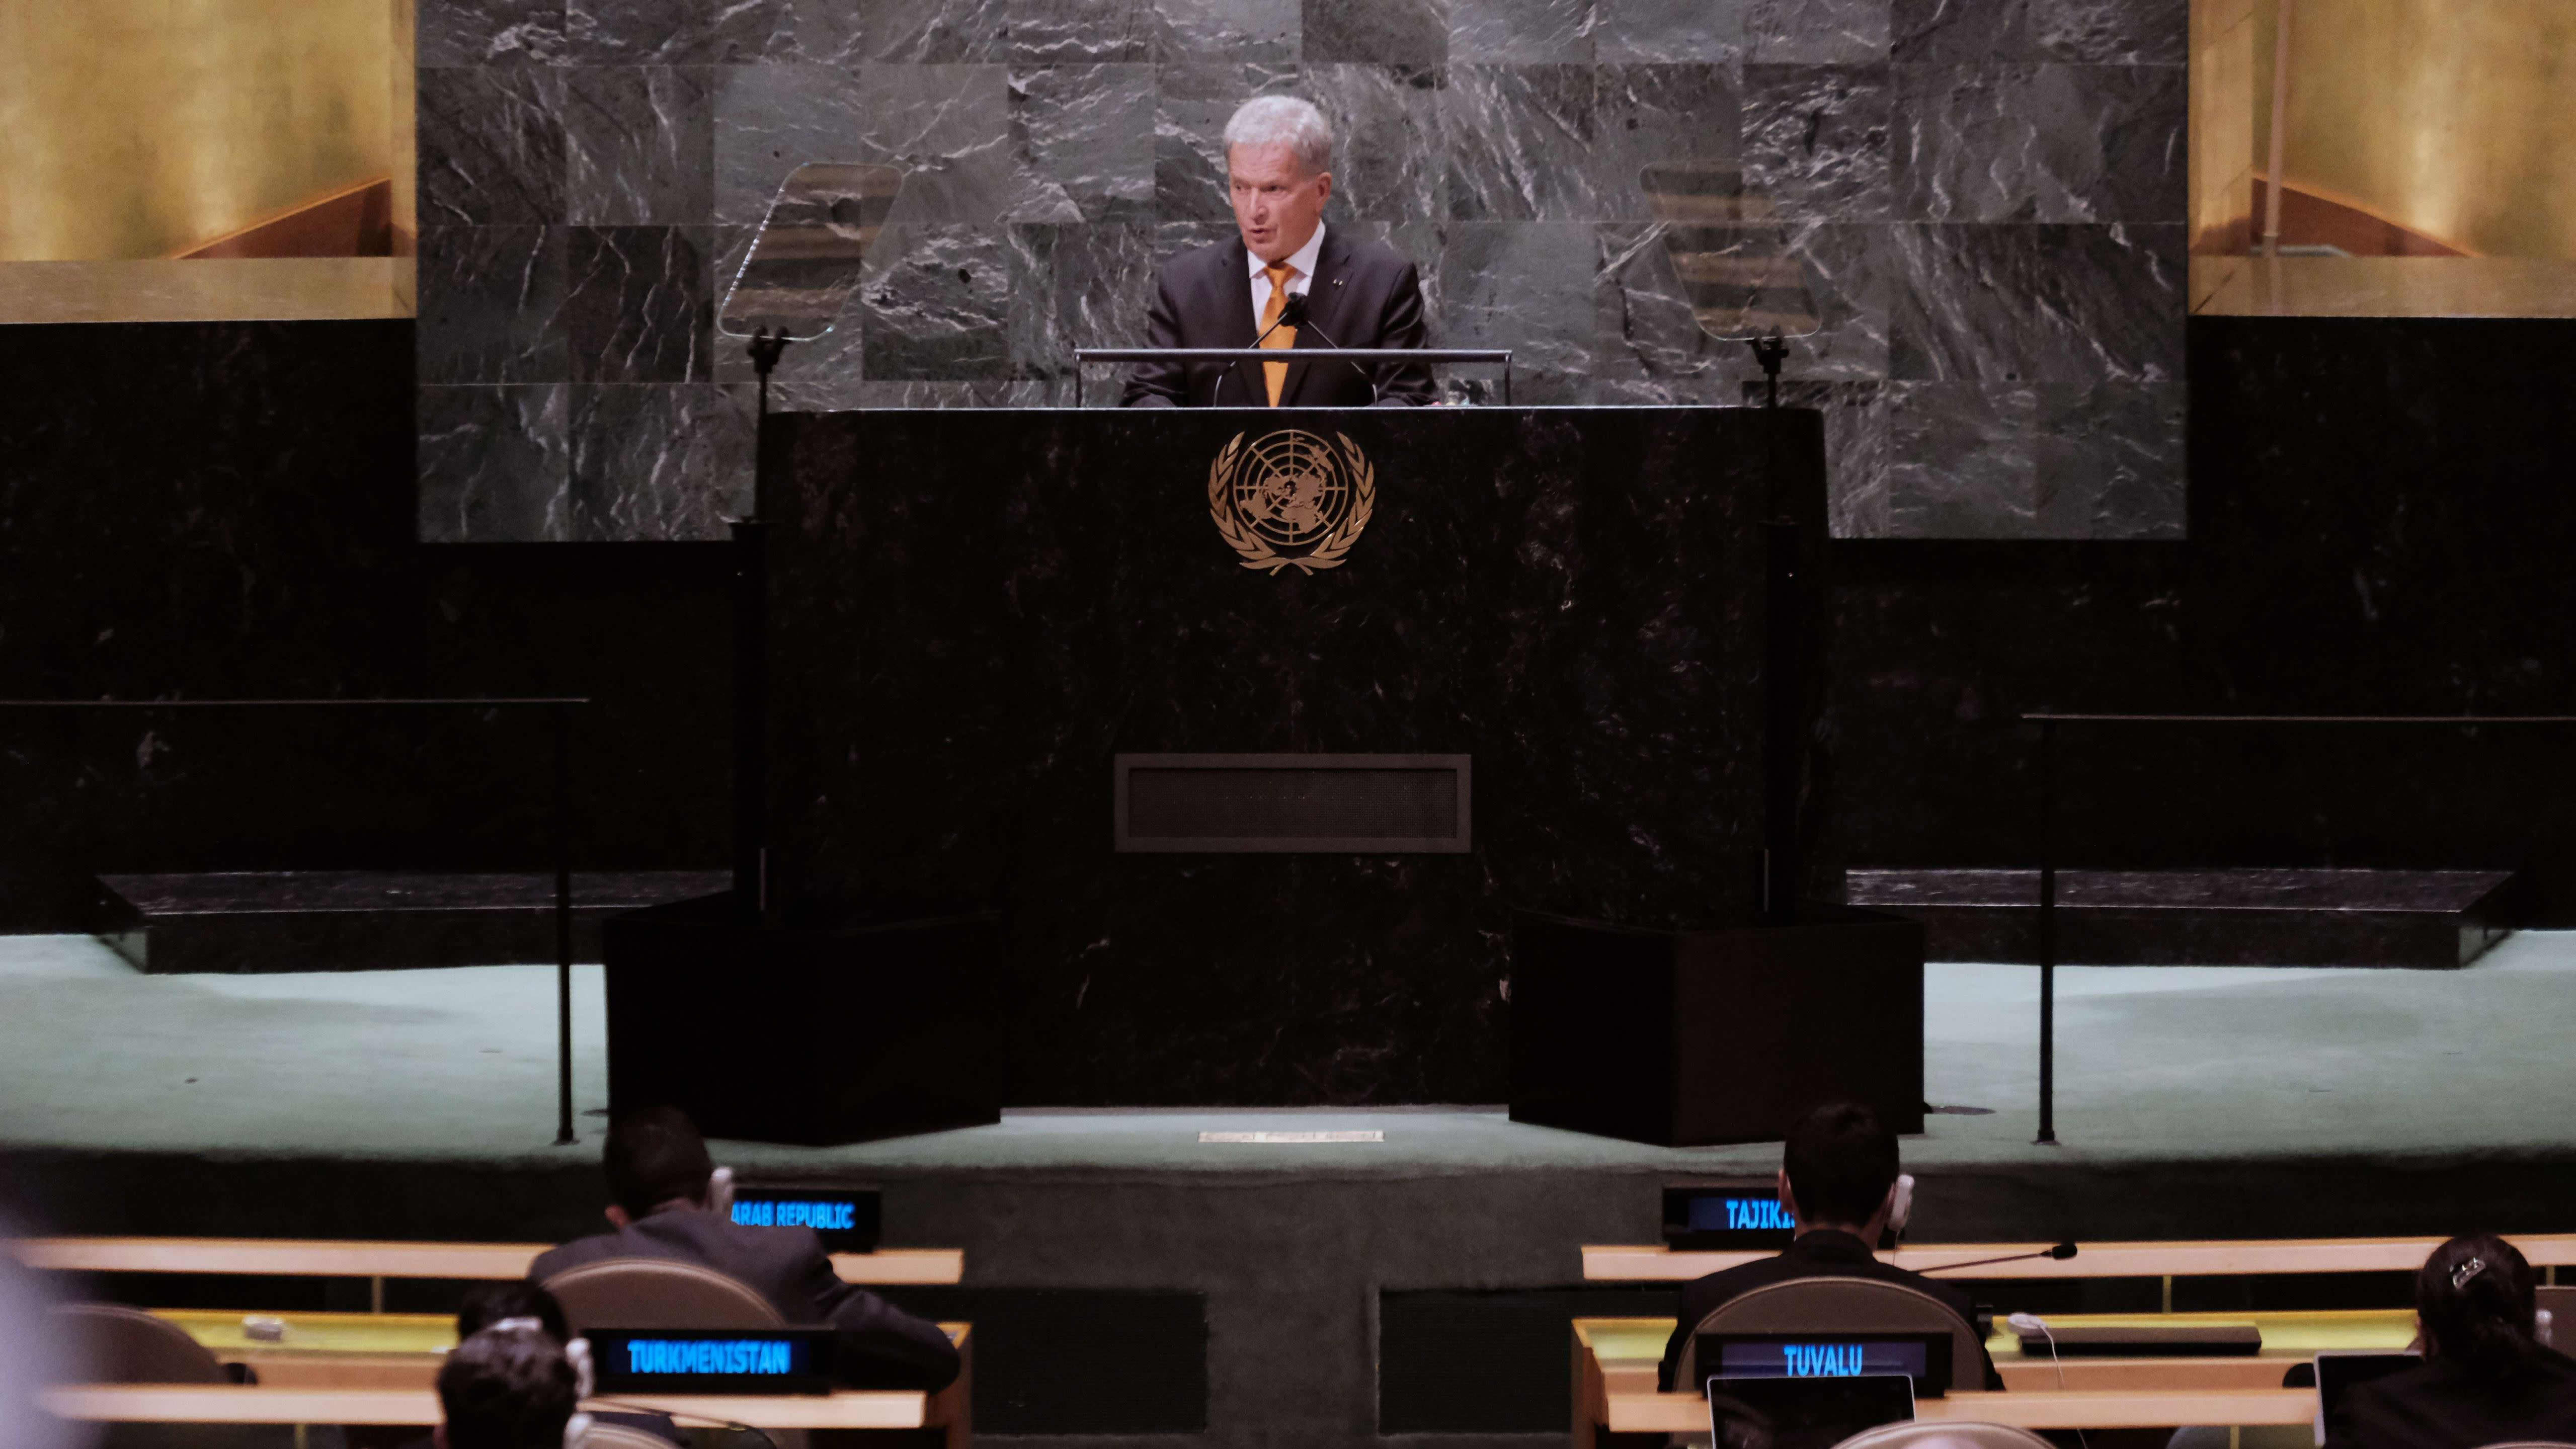 Suomen presidentti Sauli Niinistö pitää puhetta YK:n yleiskokouksessa New Yorkissa.